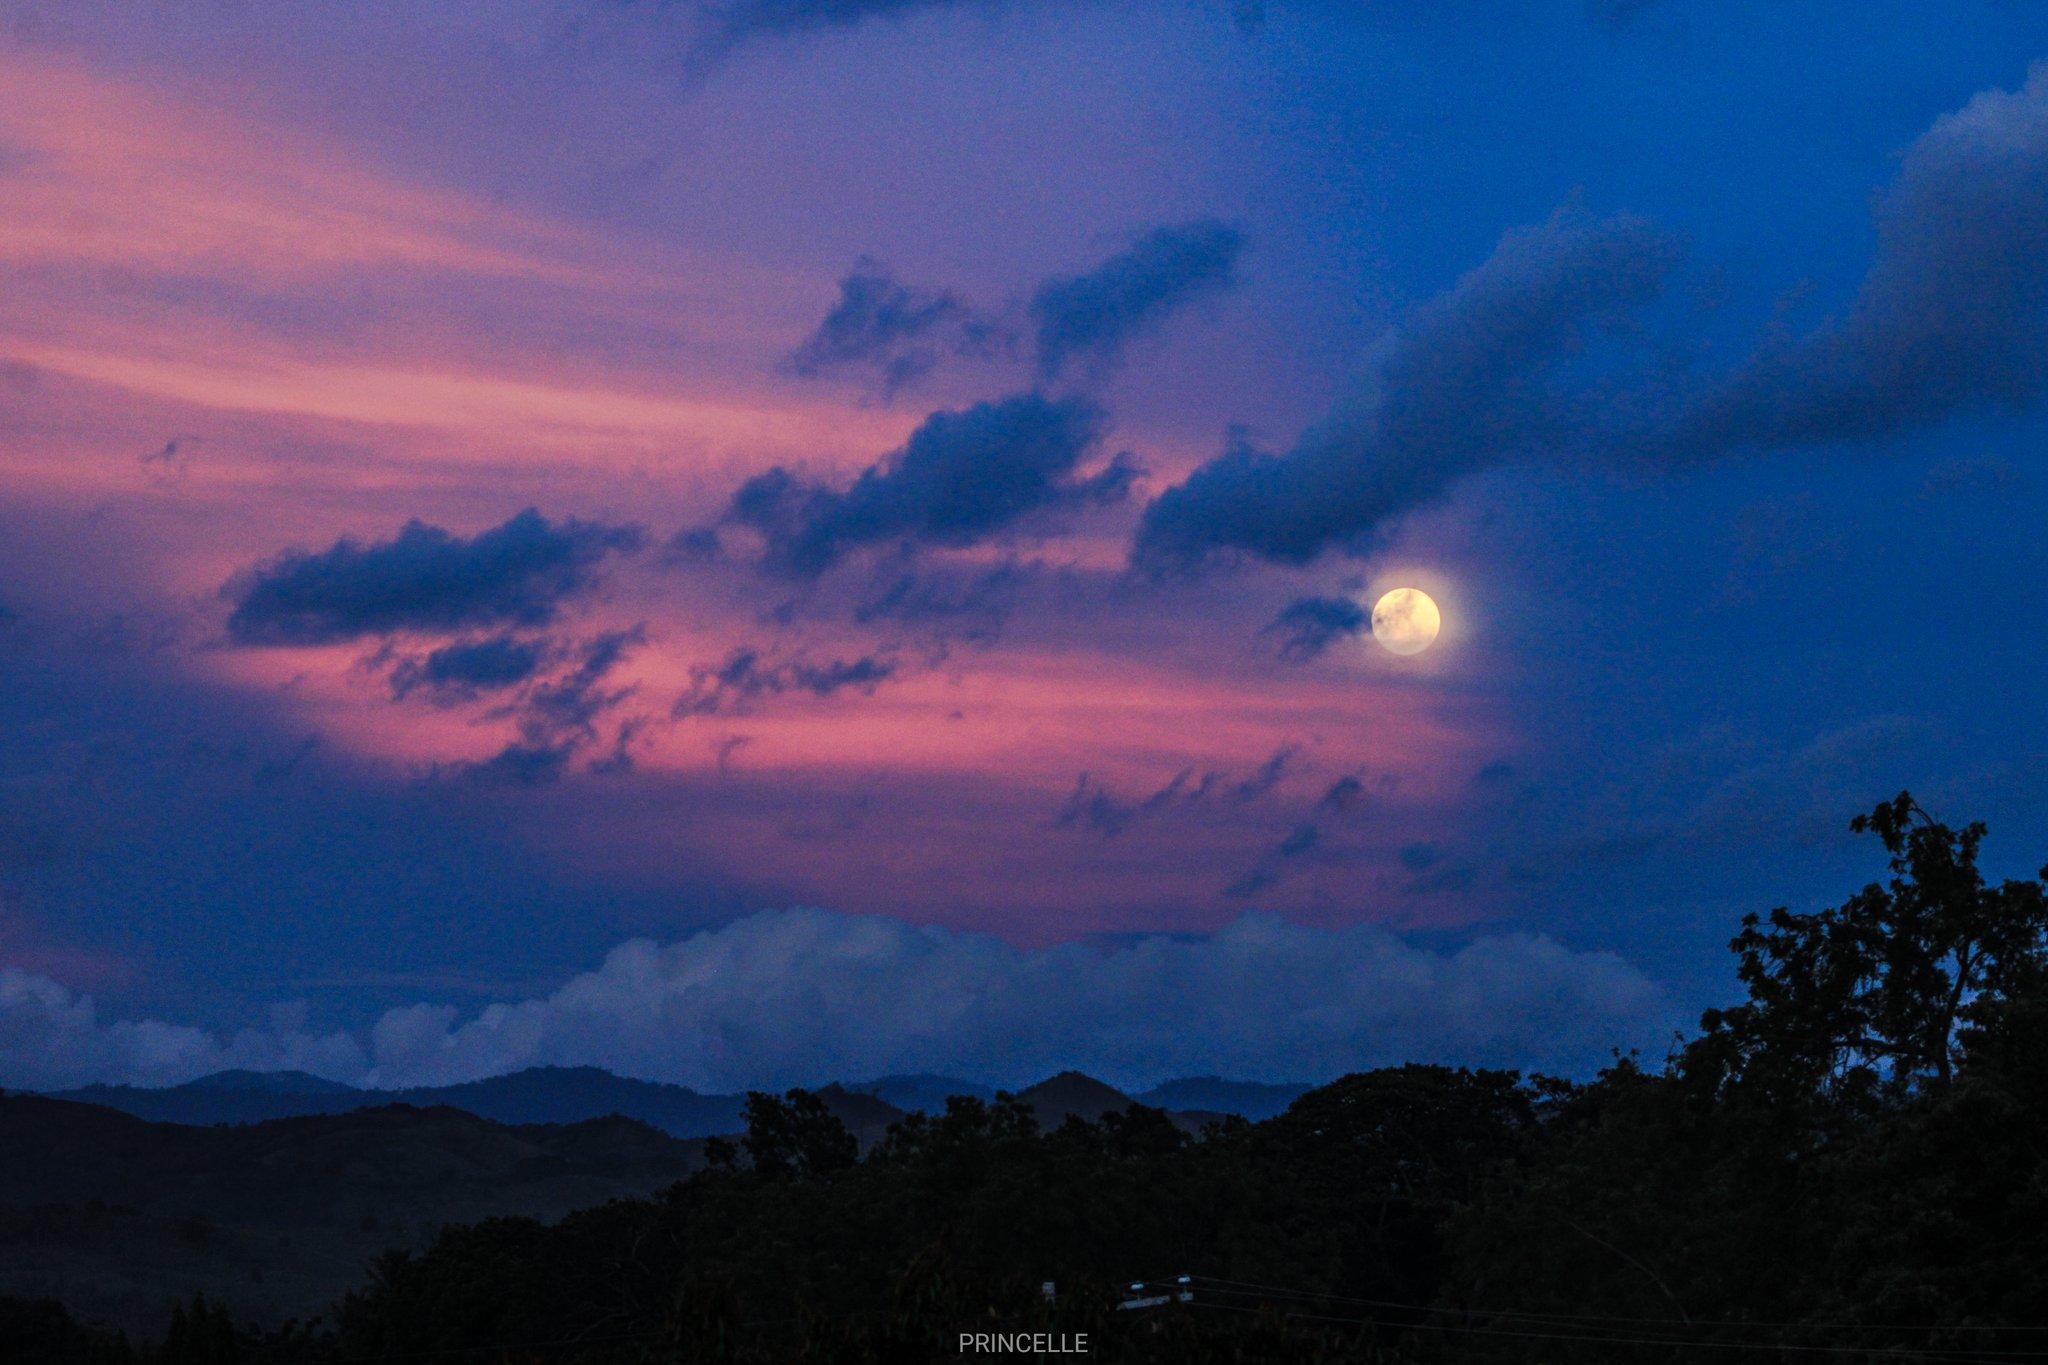 Ngất ngây với một loạt khoảnh khắc về hiện tượng mặt trăng dâu tây hiếm có diễn ra vào đêm qua, rạng sáng nay - Ảnh 12.